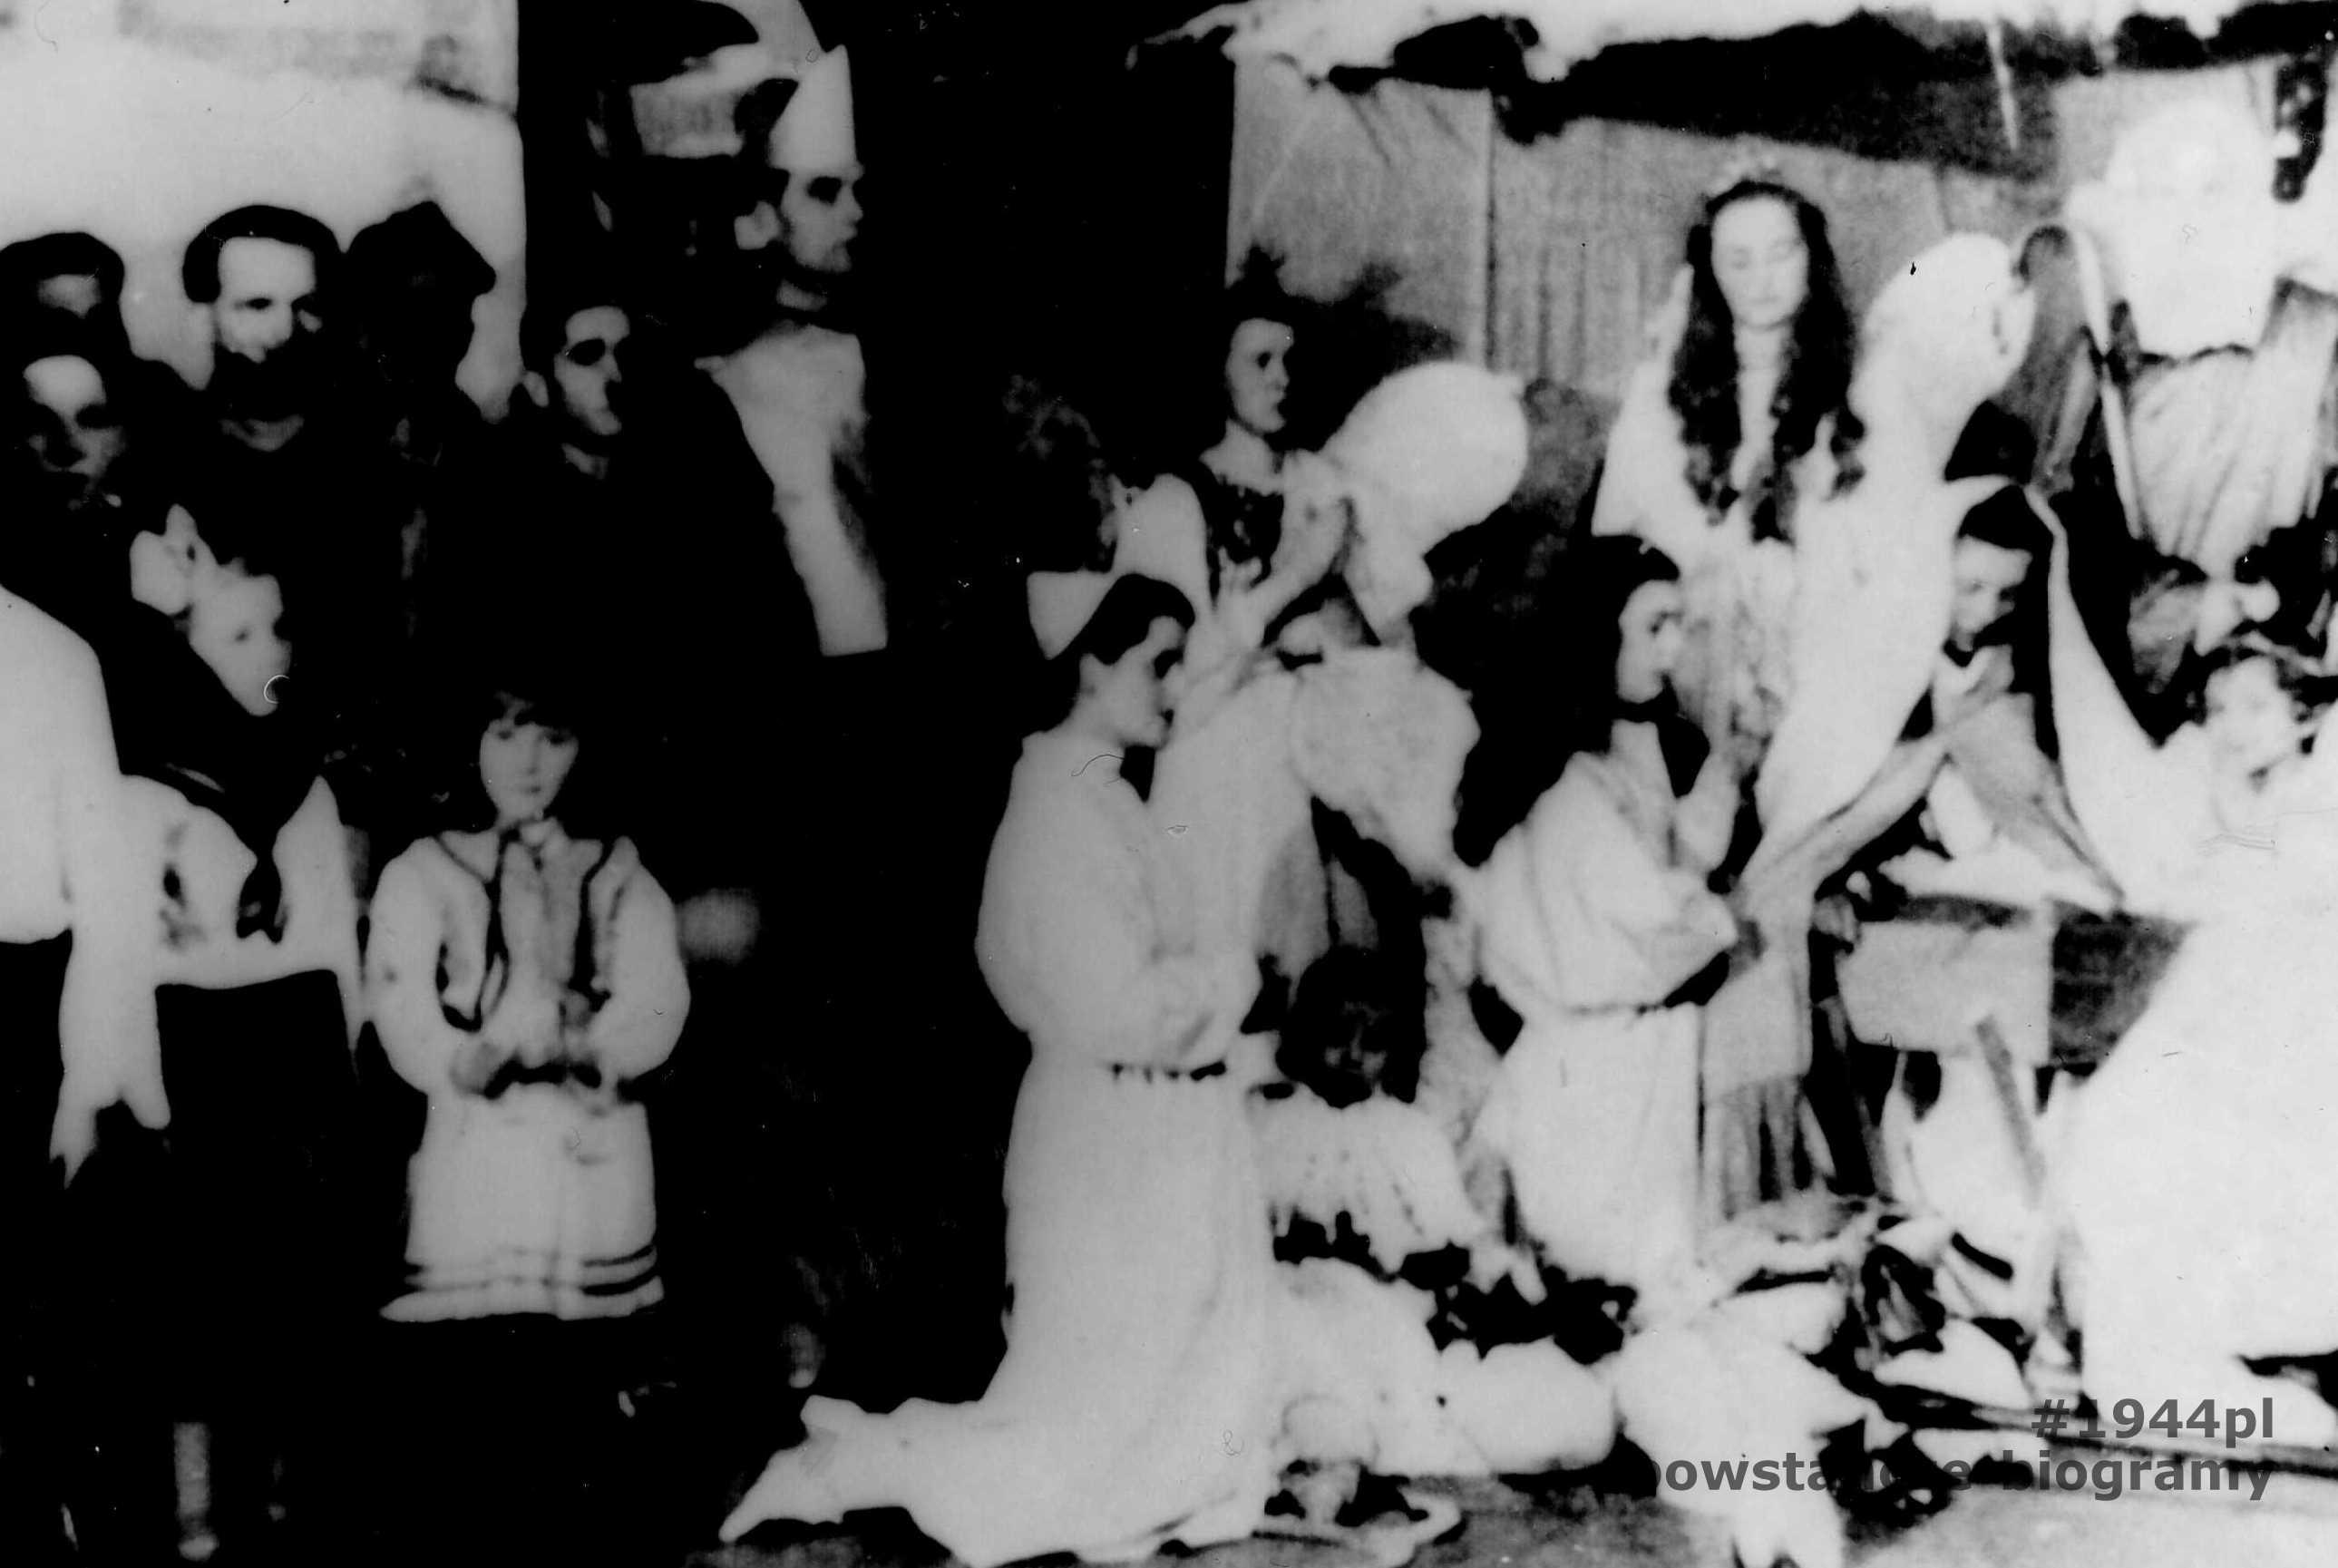 """Fotografia przedstawia jasełka zorganizowane przez personel Szpitala Maltańskiego w czasie okupacji. Opis: <i>  Aniołek - Inka Śliwicka, Matka Boska - Mirka Szamborska, Aniołki: Zofia Słowikowska Lidka Łozińska. Występuje personel Szpitala Maltańskiego""""</i>. Fot. ze zbiorów rodzinnych, przekazana do zbiorów Muzeum, MPW- P/9059"""